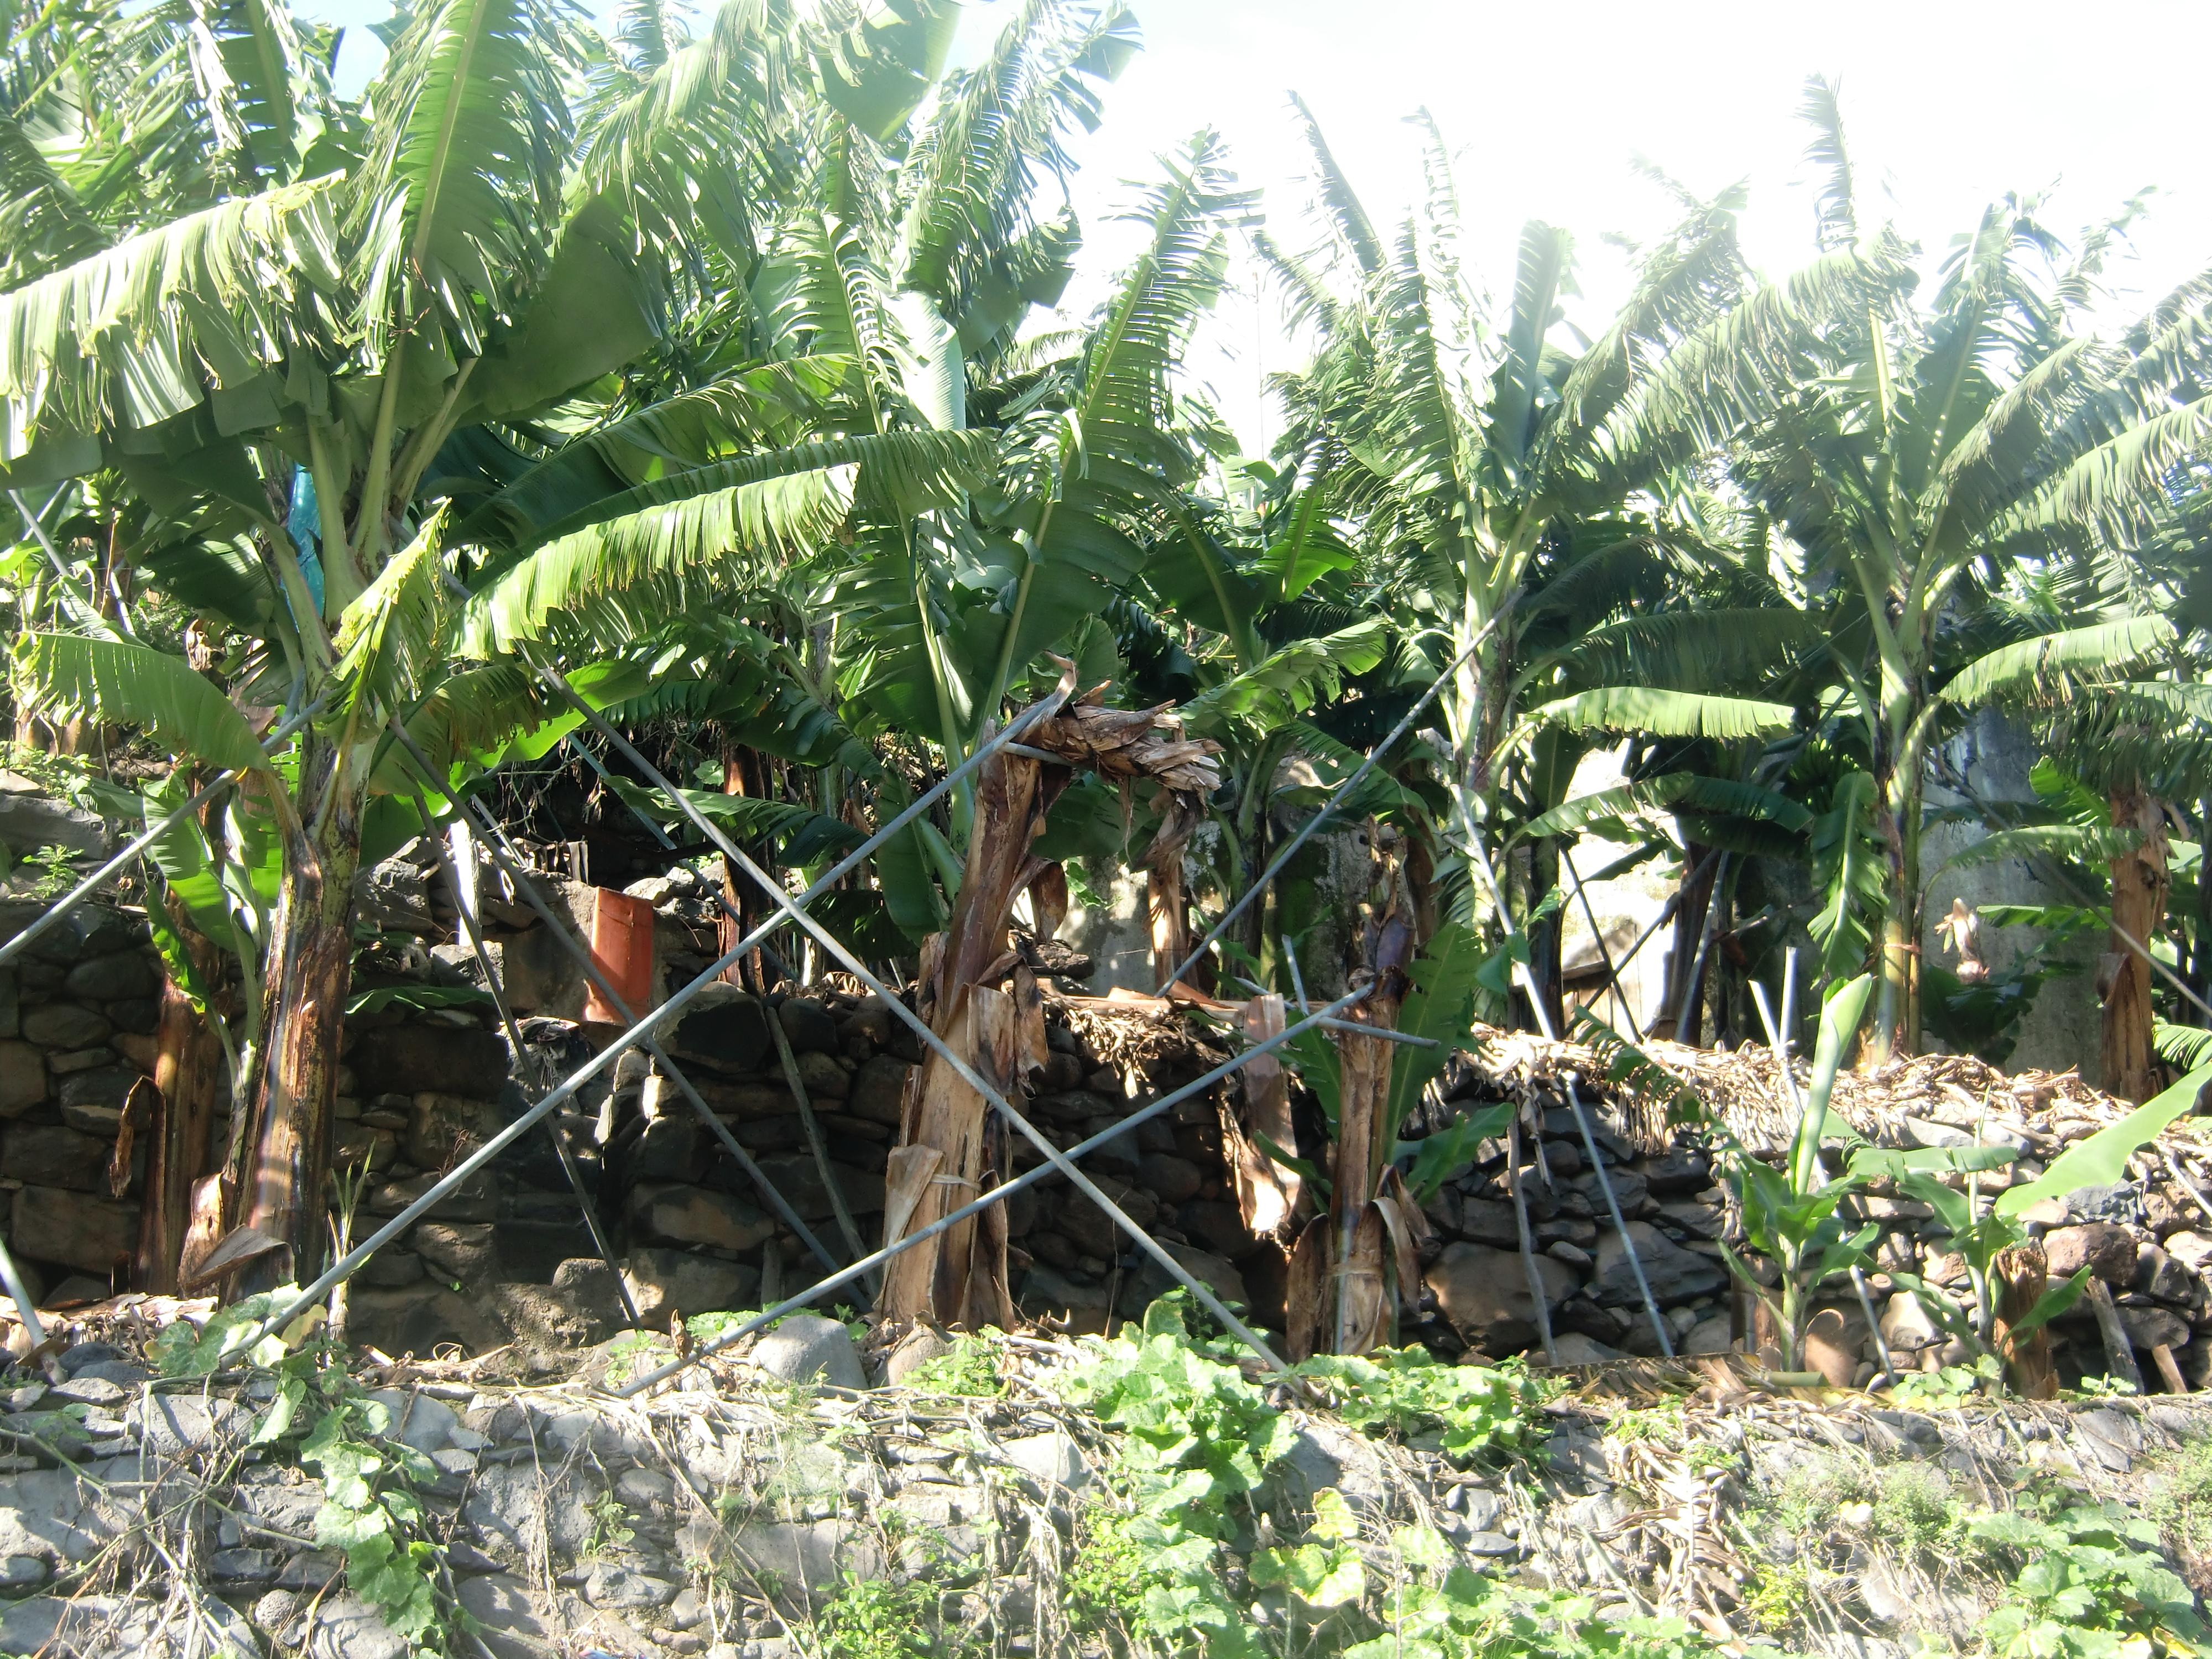 Estacas para bananeiras